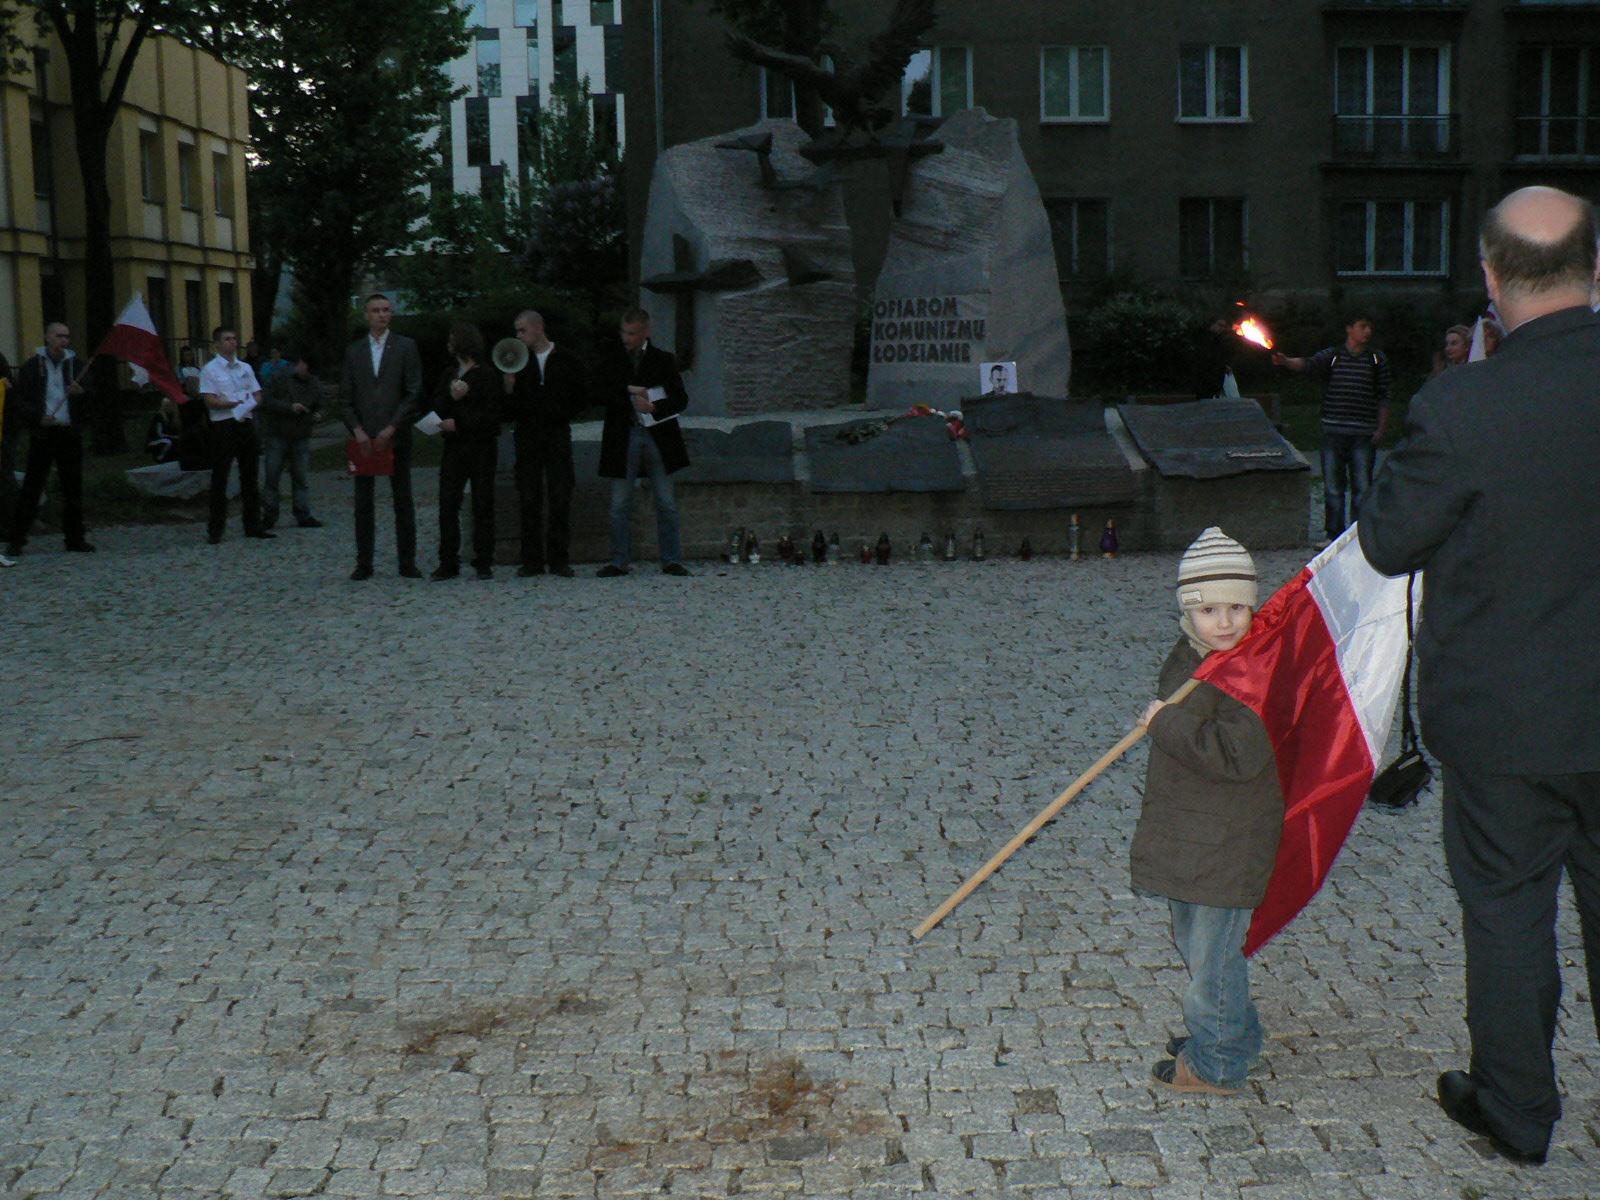 Marsz Rotmistrza Pileckiego w Łodzi (relacja)